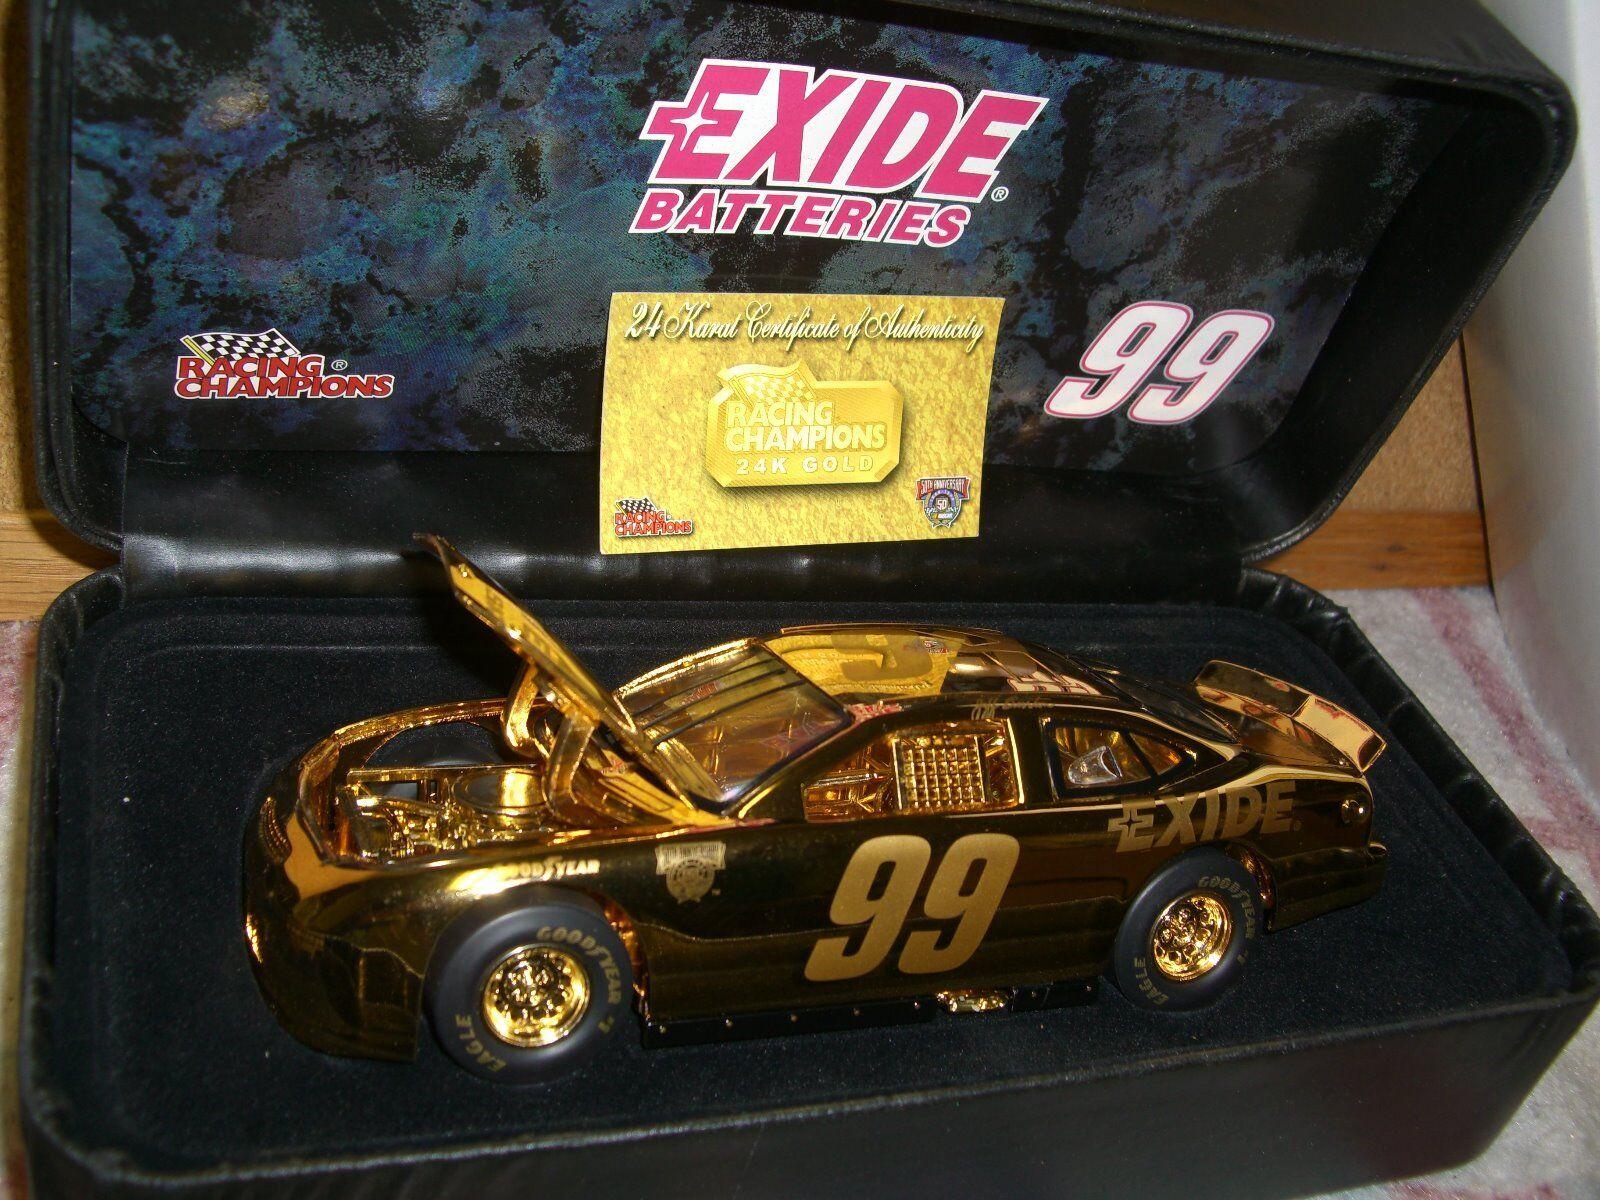 ahorrar en el despacho Racing Champions Champions Champions  99 Exide 1998 Ford Taurus-reflexiones en oro-oro 1 24...  calidad garantizada